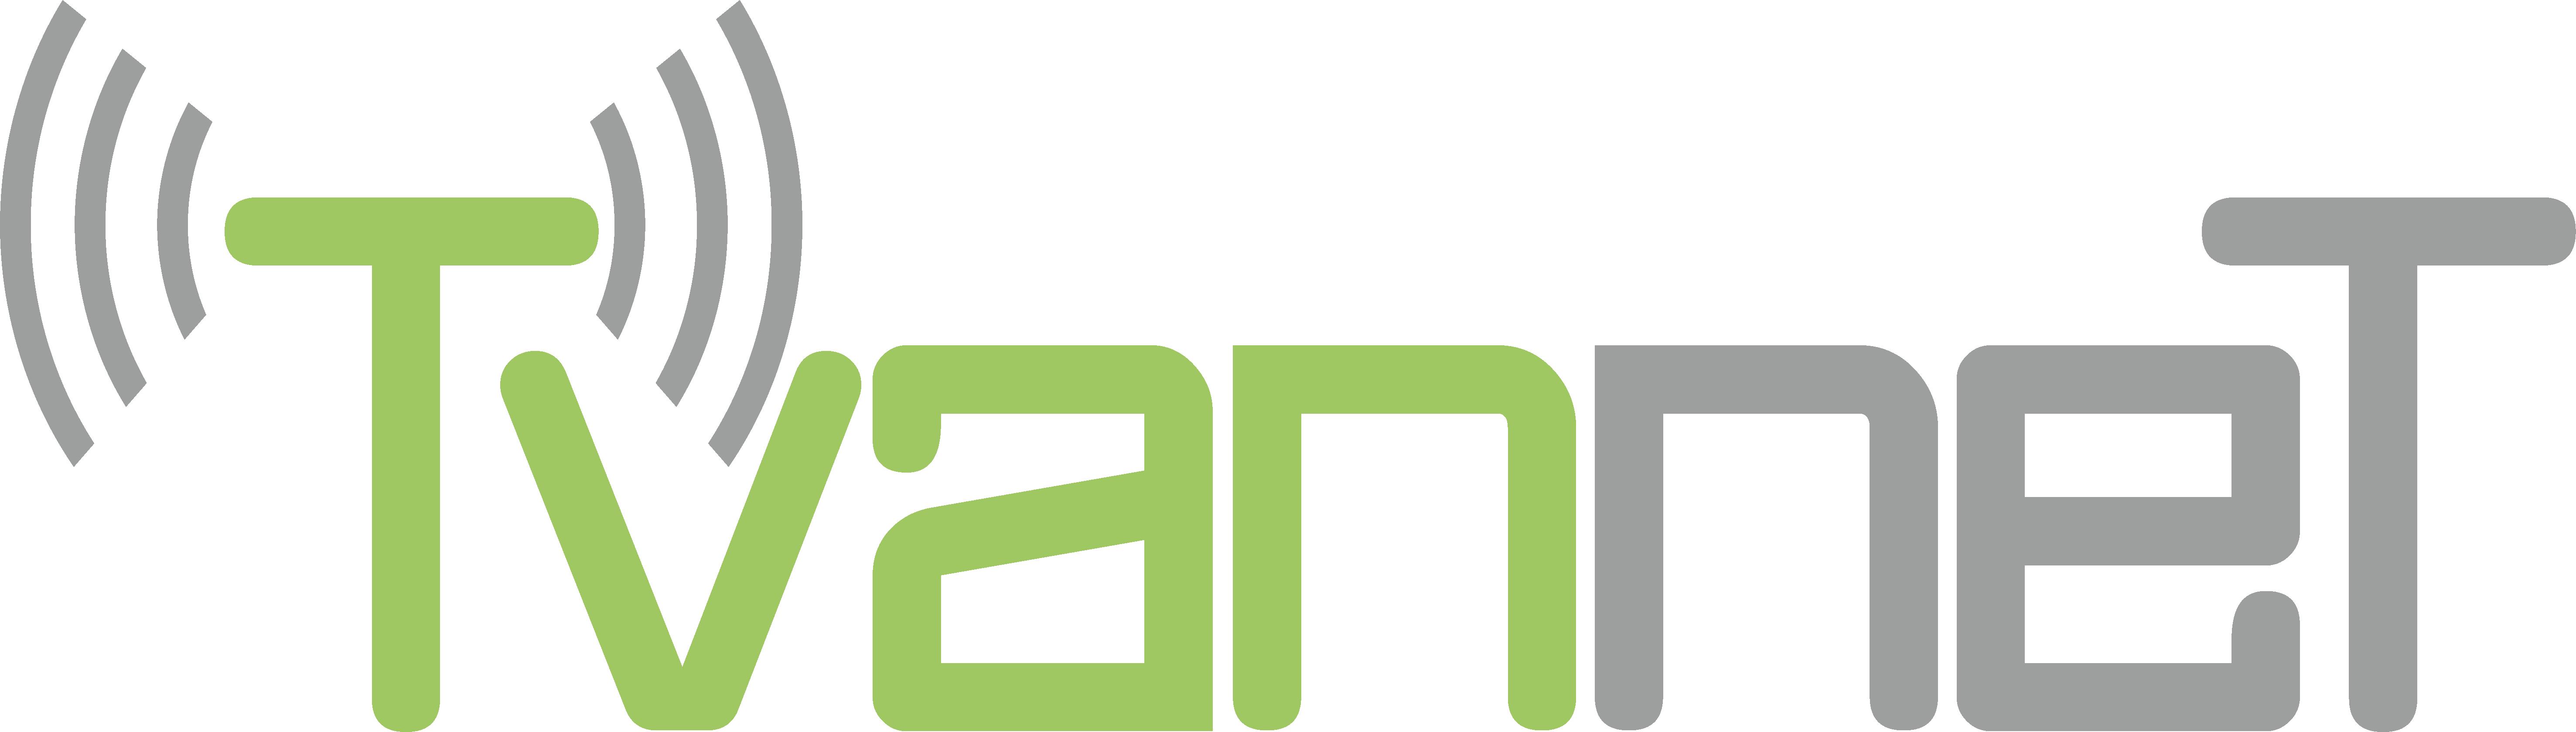 TvanneT - Internet Zlate Moravce a okolie